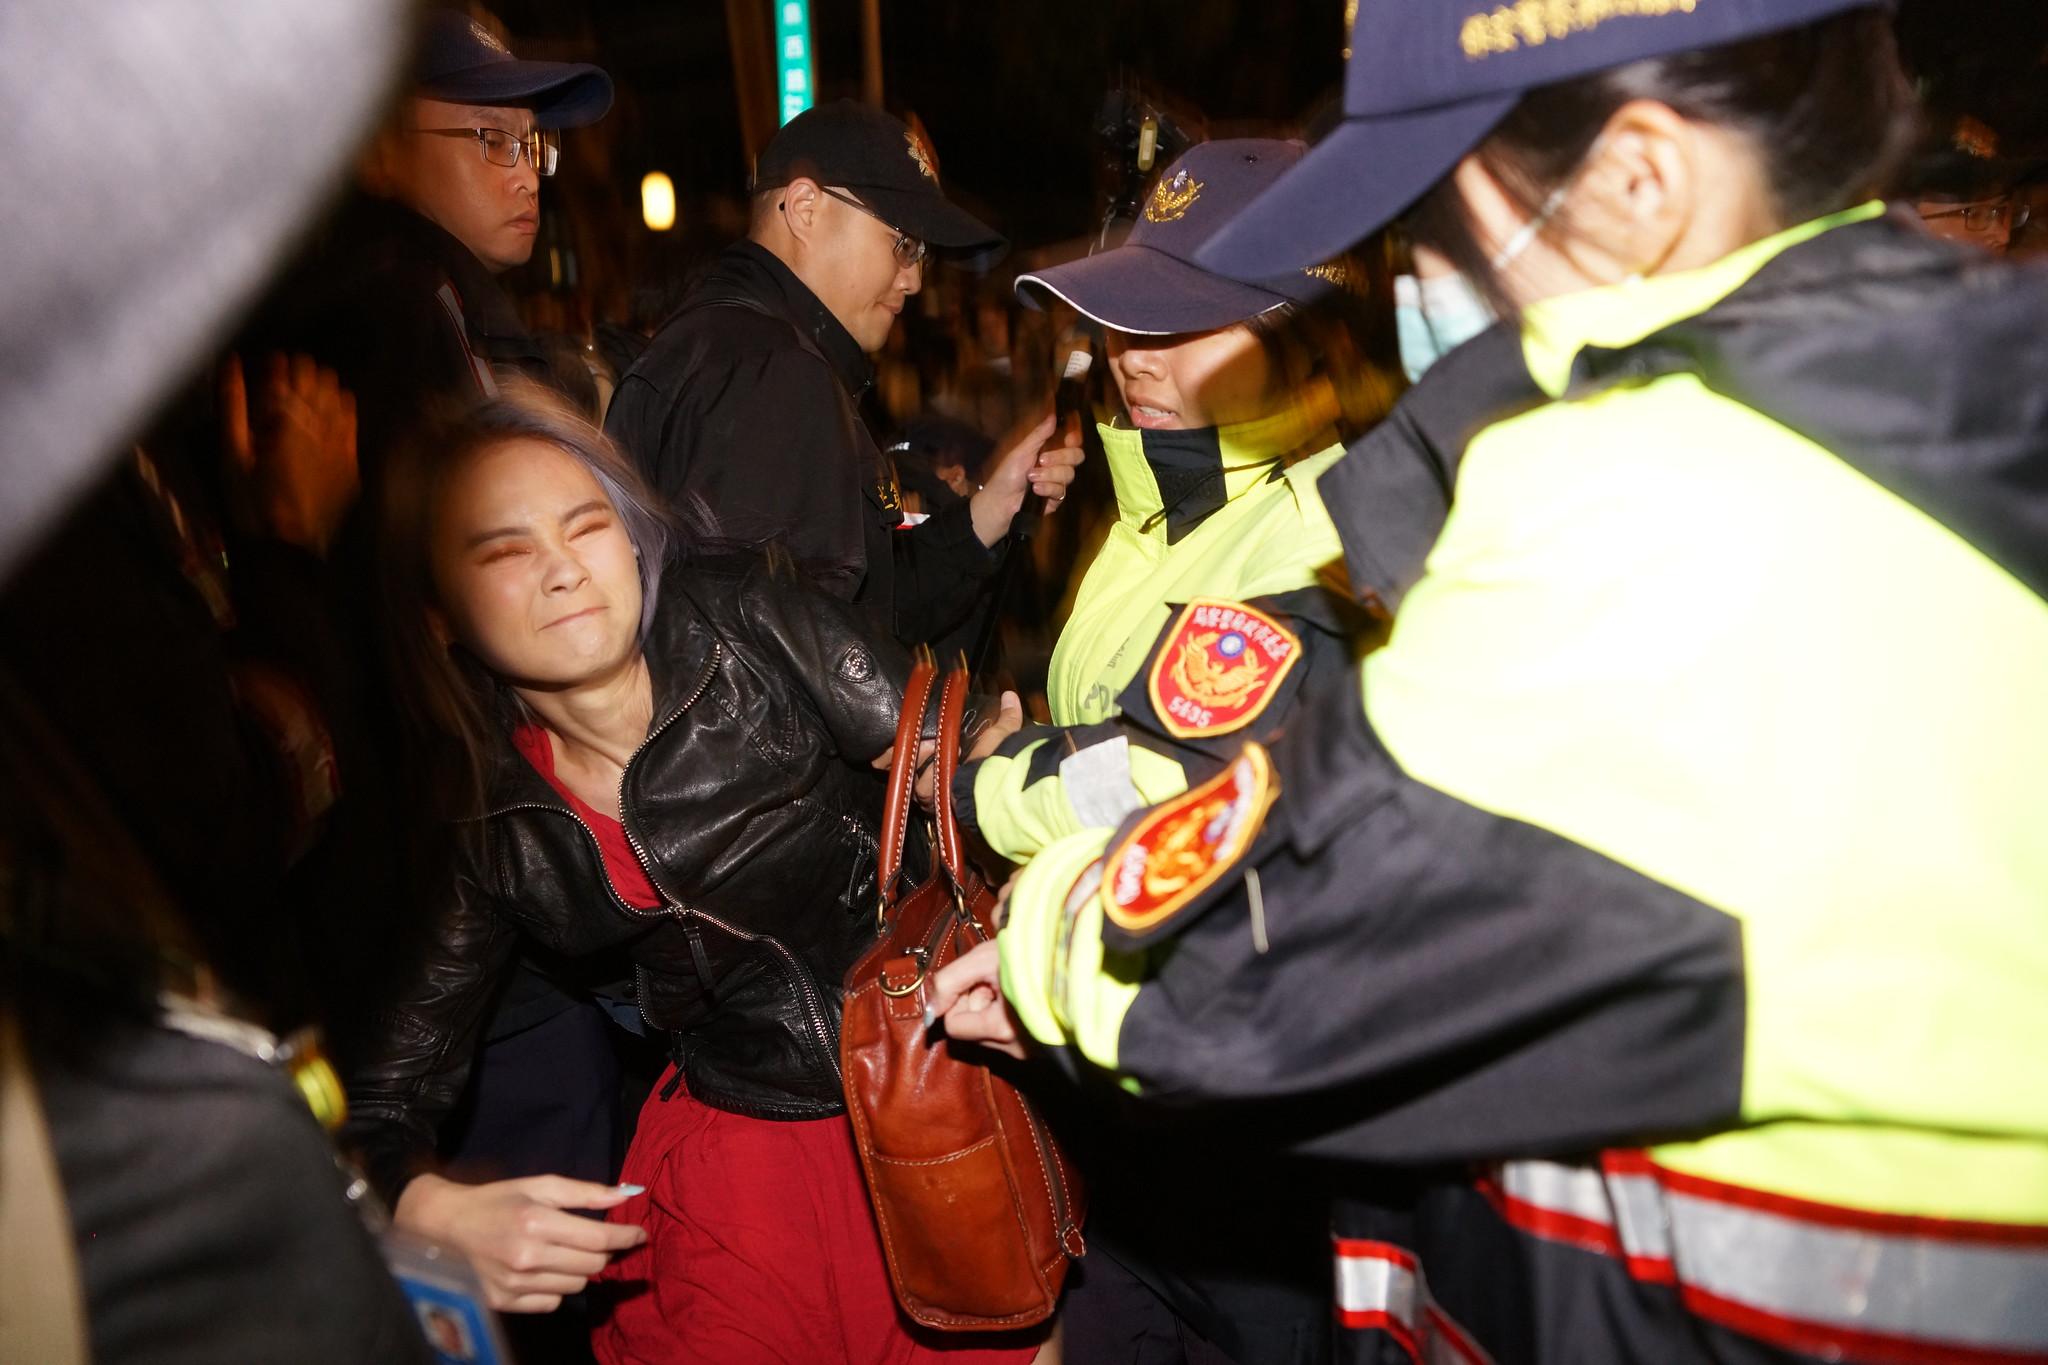 優勢警力強行抬離民眾引發激烈衝突。(攝影:王顥中)